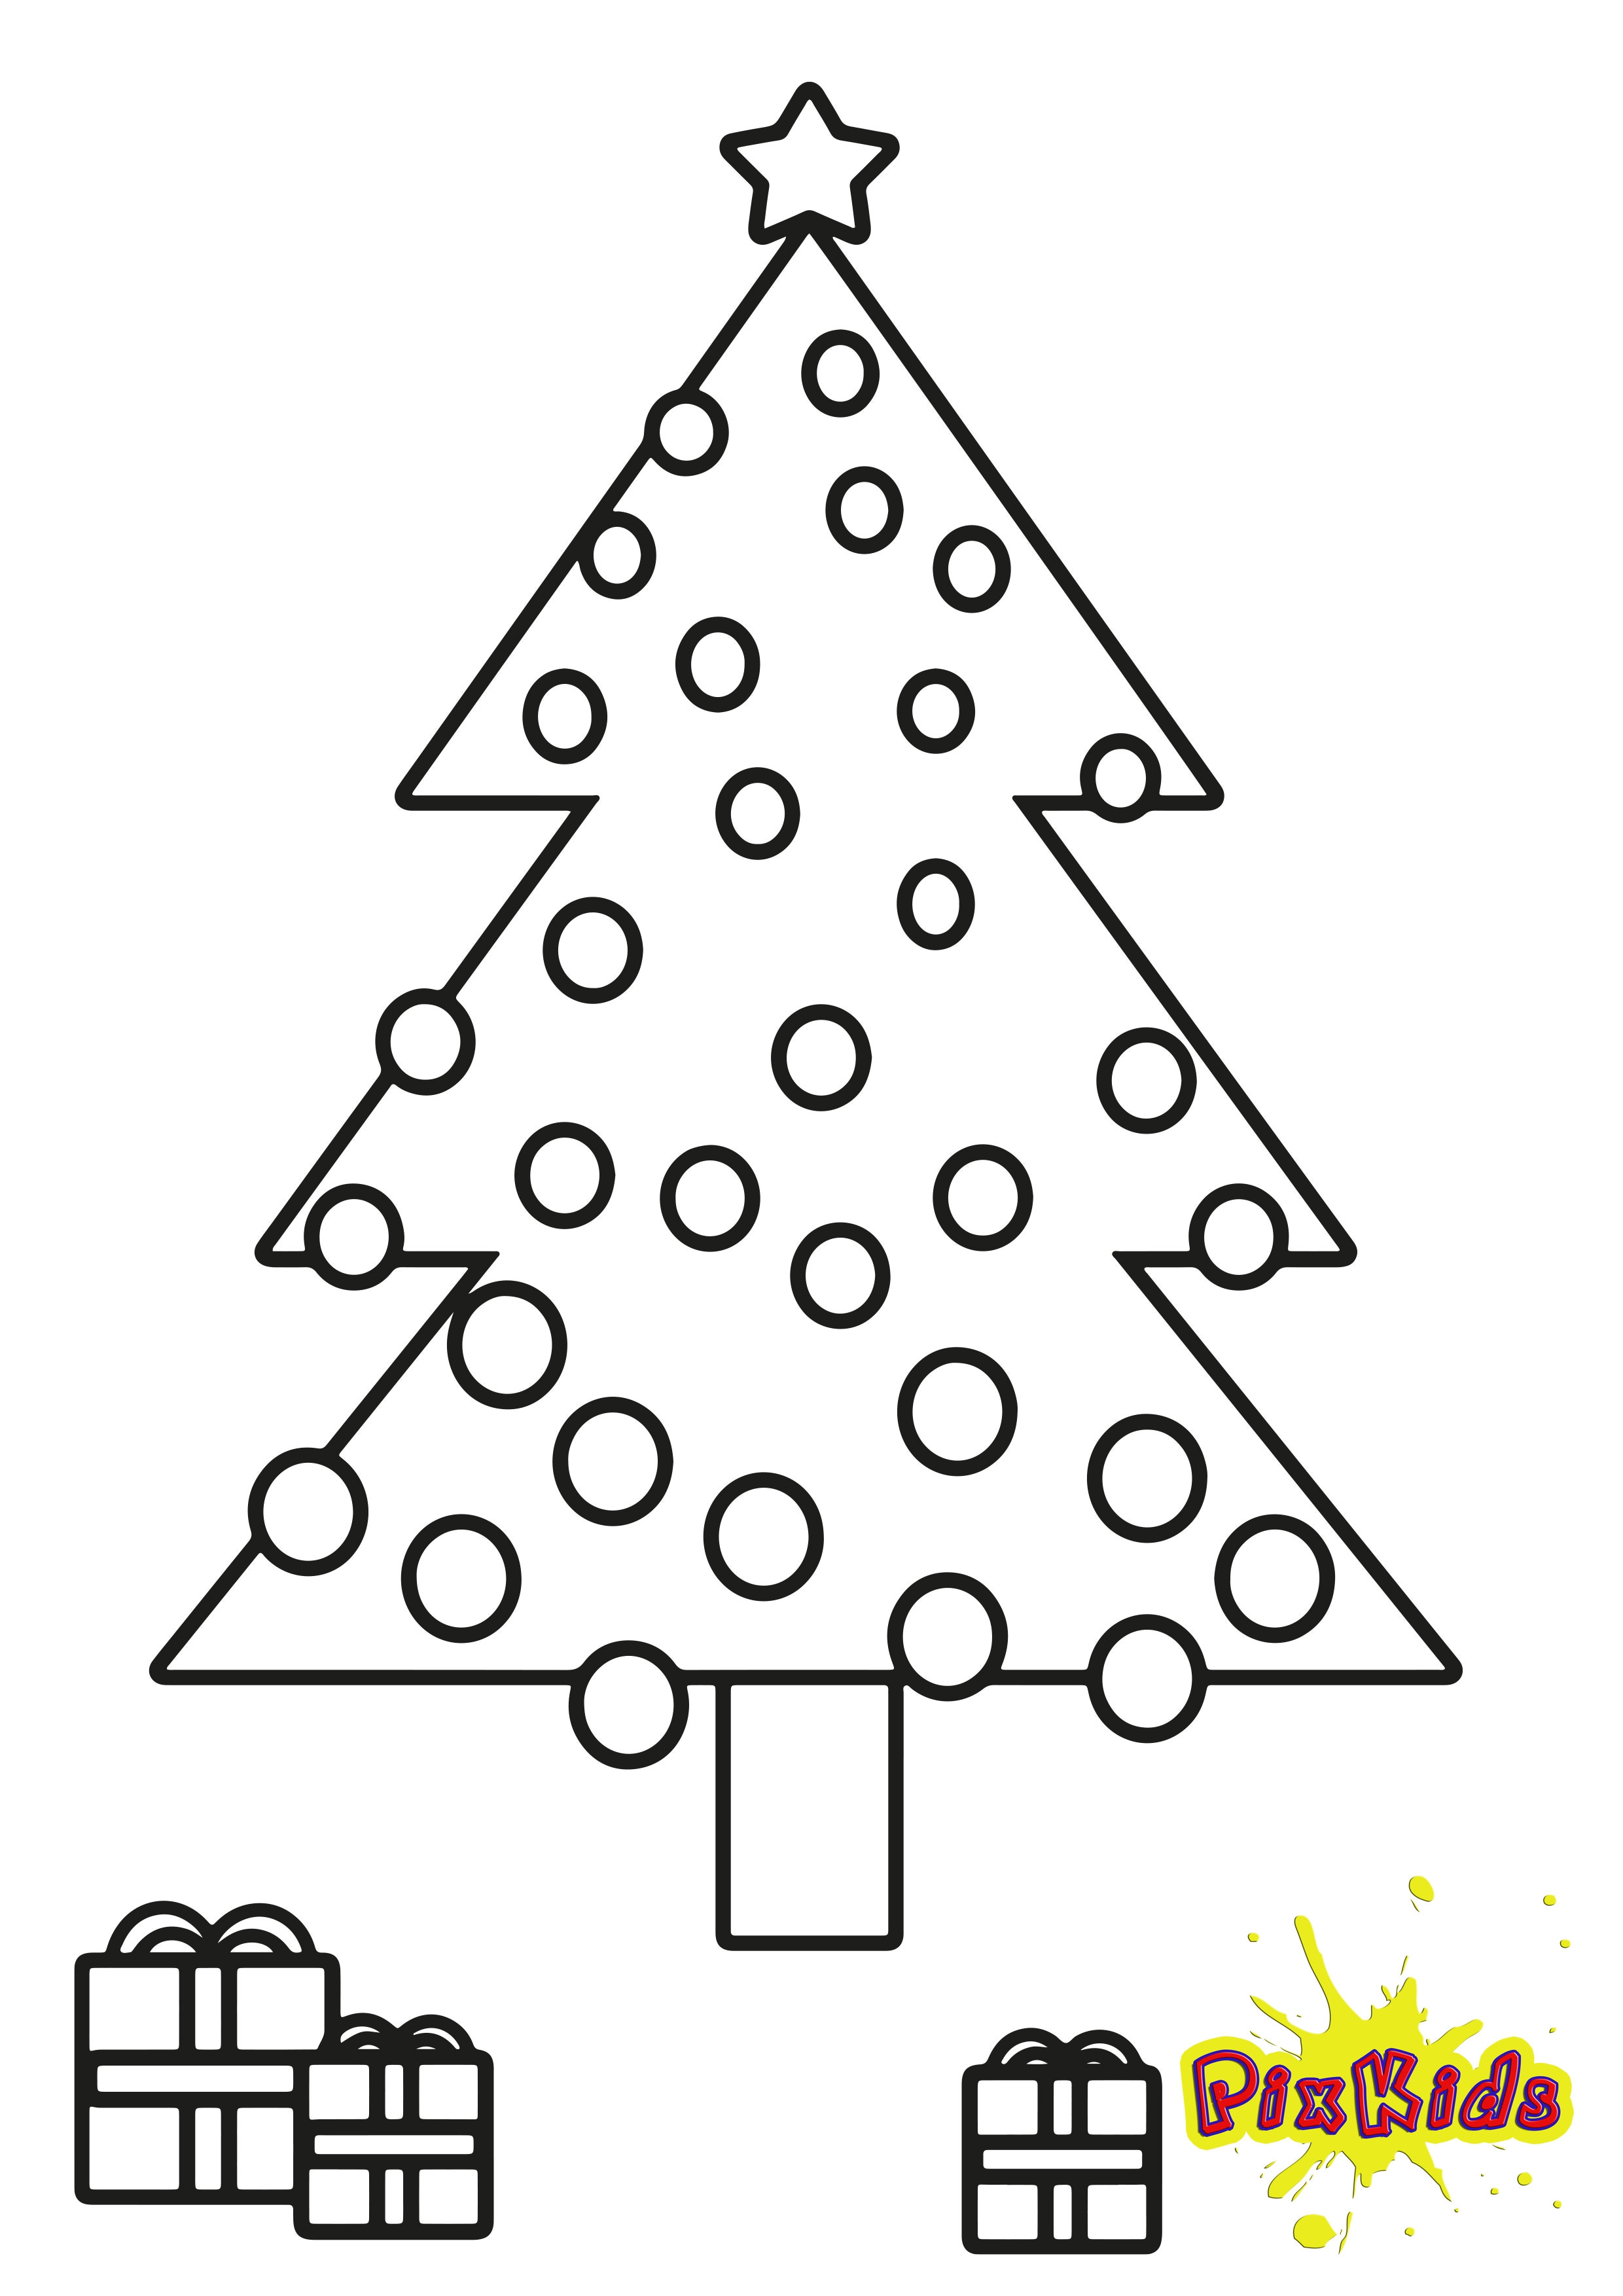 Ausmalbilder Weihnachten Tannenbaum Mit Geschenken  Ausmalbild Tannenbaum Weihnachtsbaum kostenlose Malvorlagen